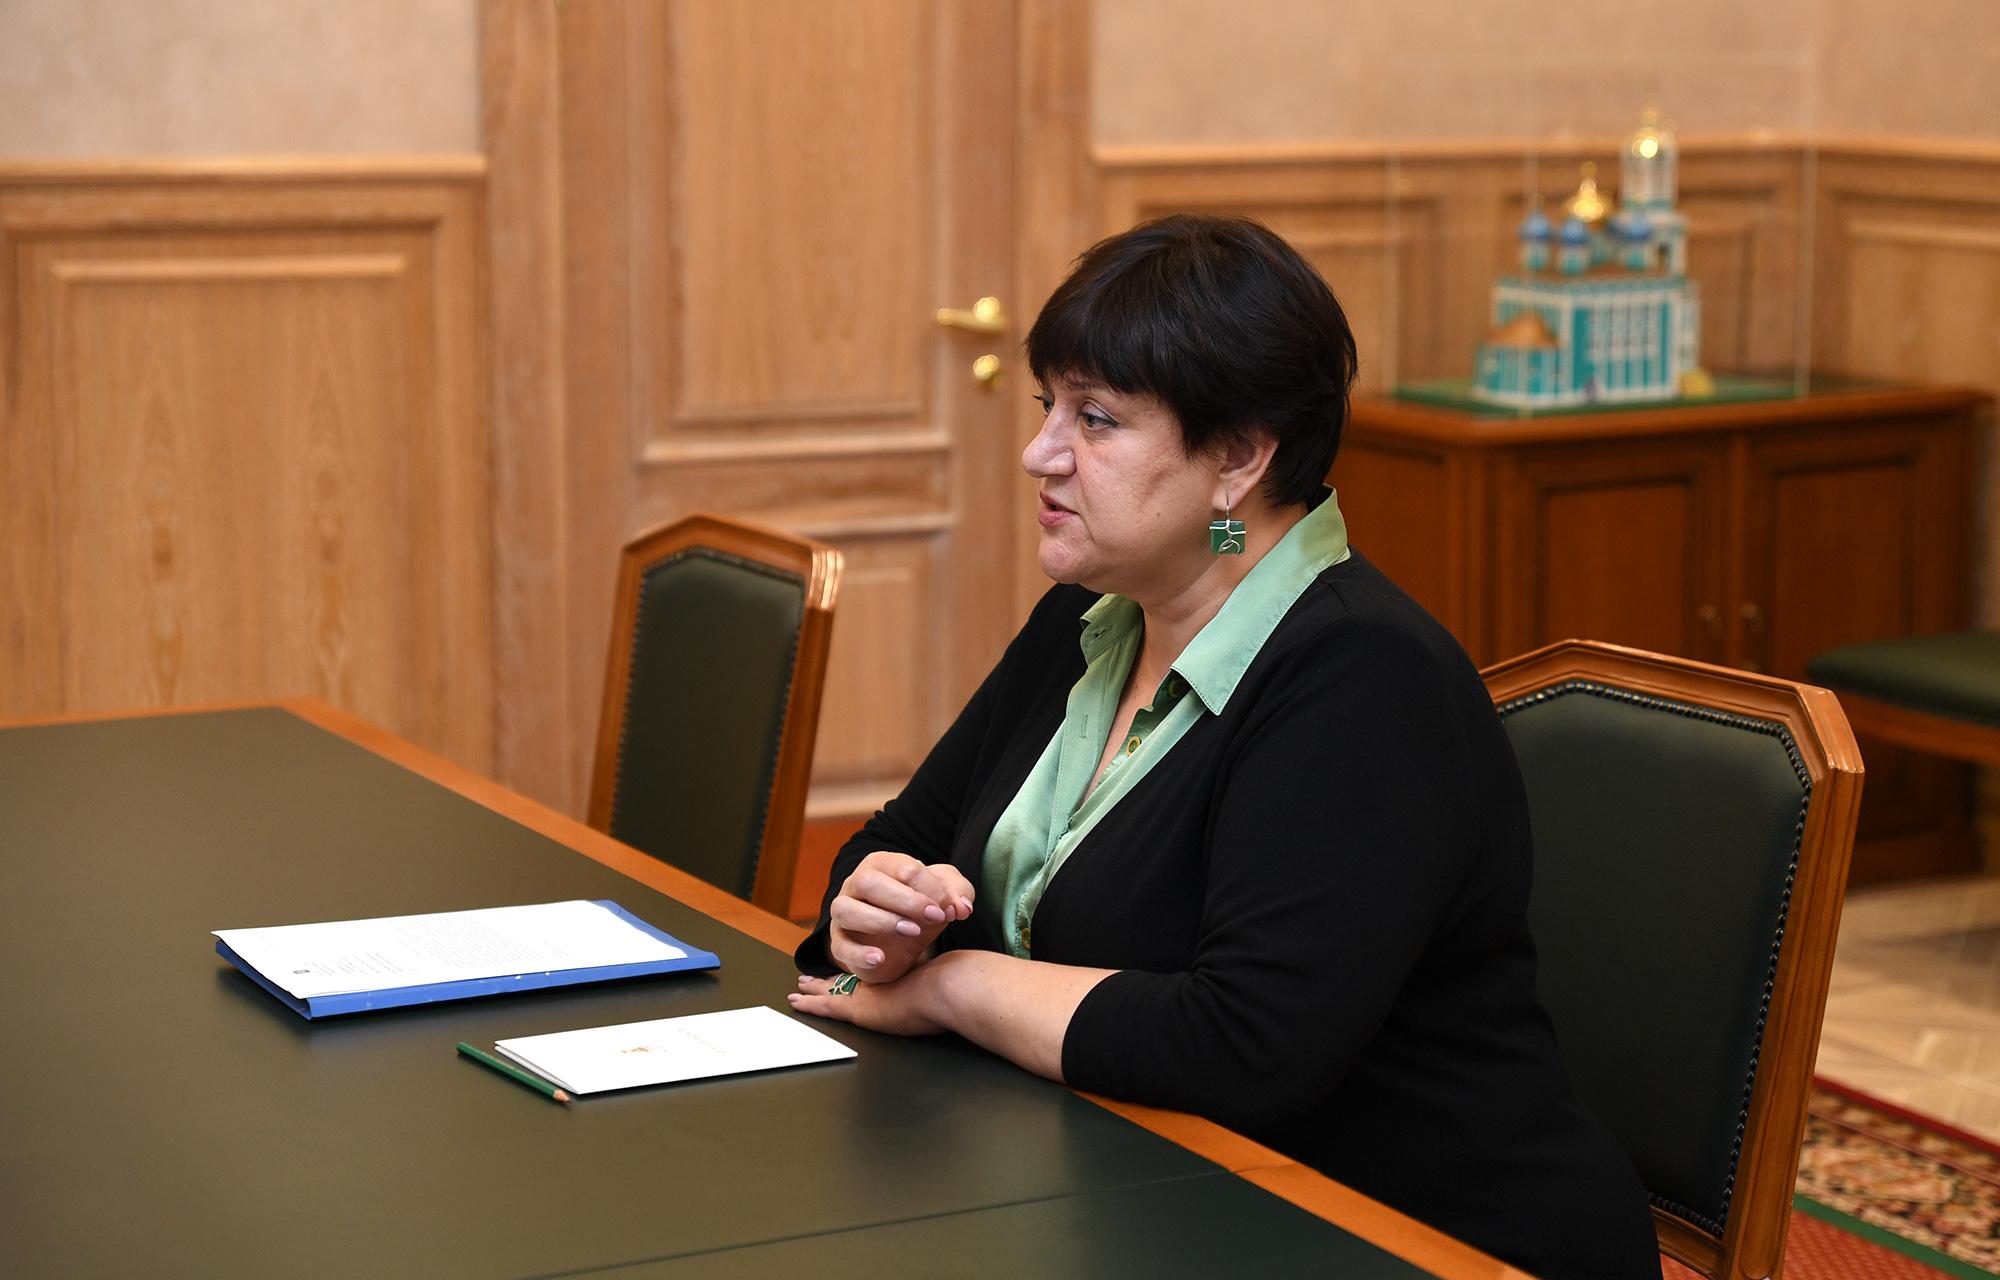 Наталья Виноградова: Чем оперативнее пройдут конкурсные процедуры, тем раньше появятся новые школы, сады, дороги